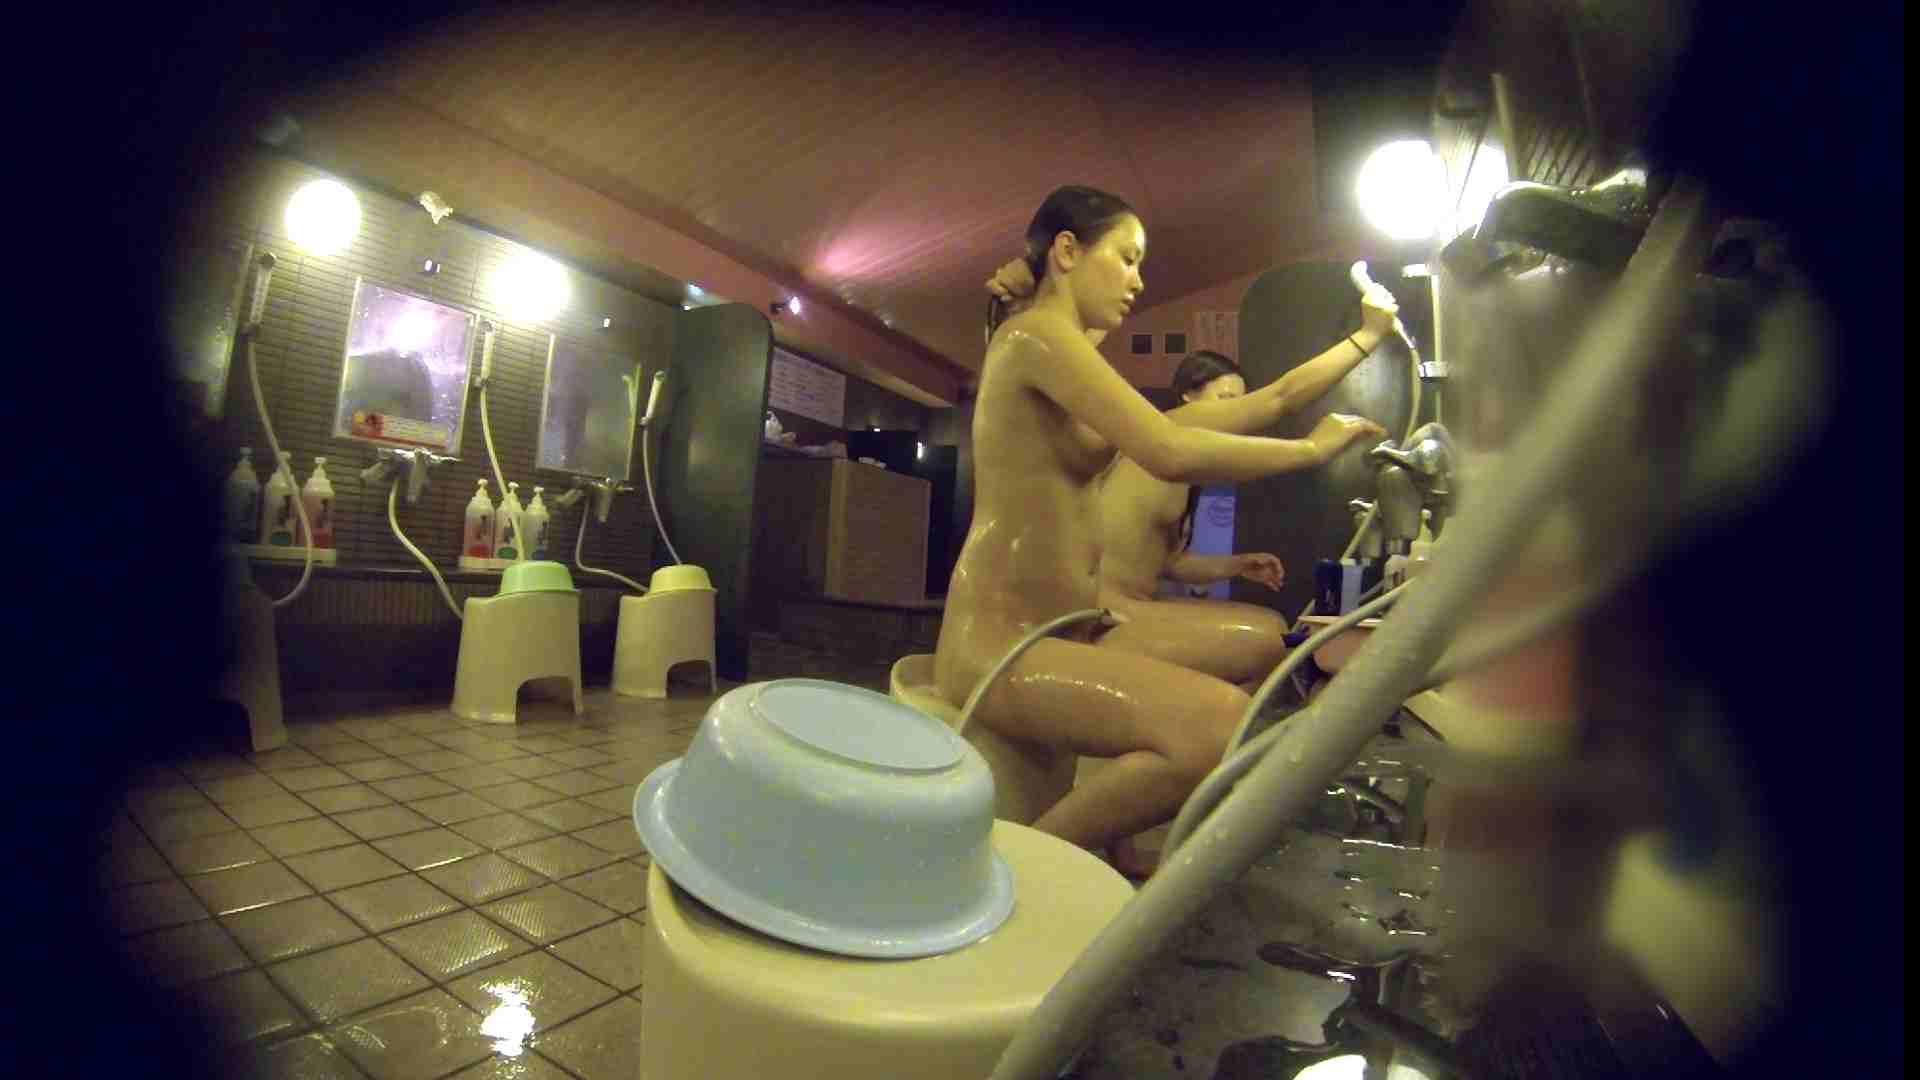 洗い場!スタイル抜群で柔らかそうに揺れるオッパイ エッチなお姉さん 性交動画流出 107画像 58